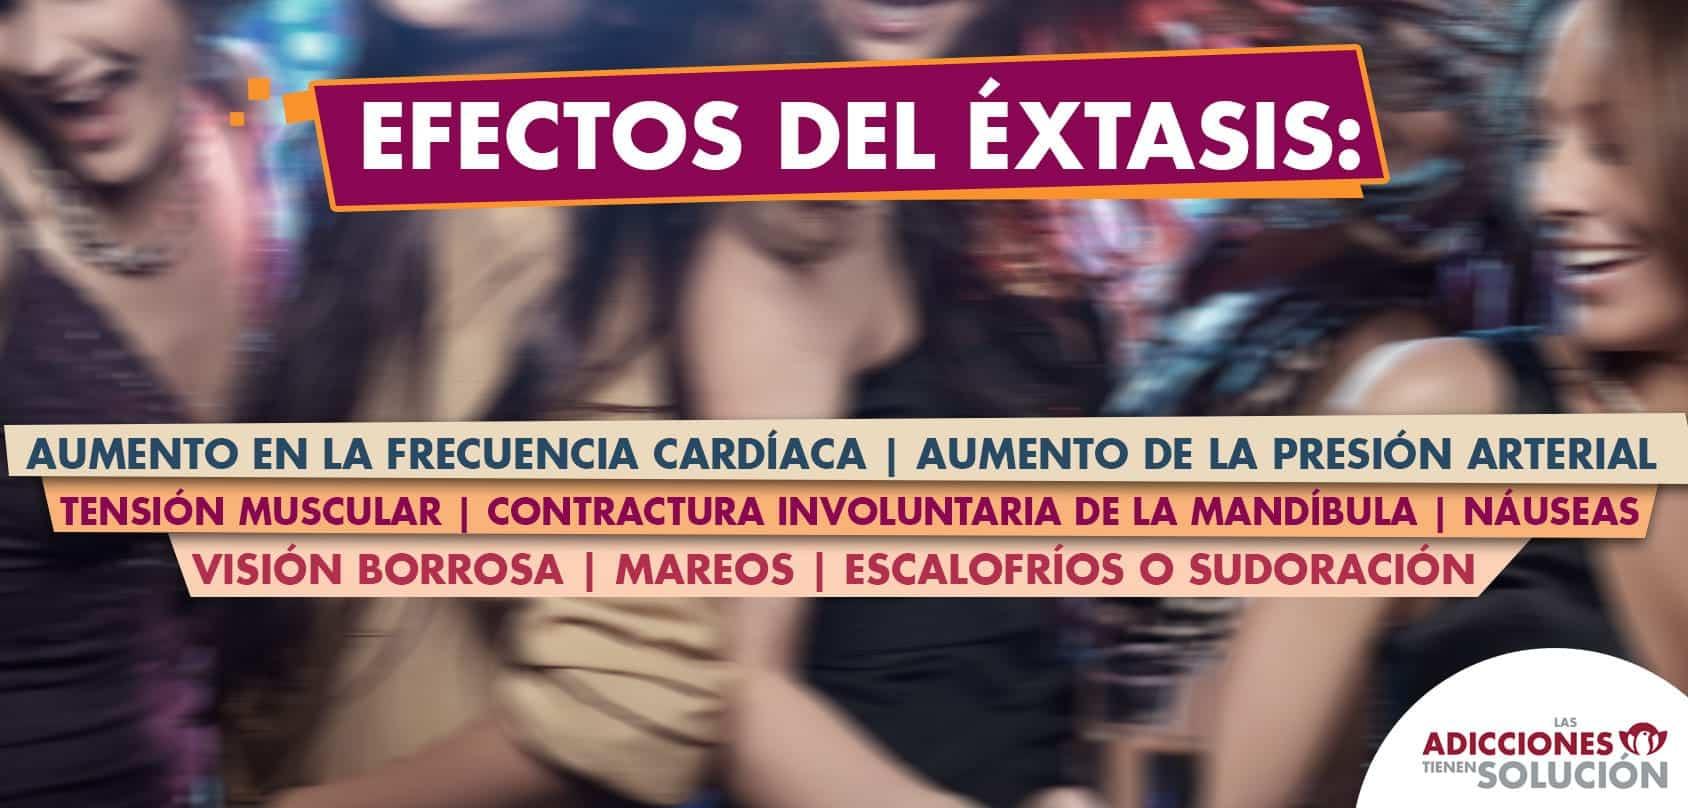 extasis (1)